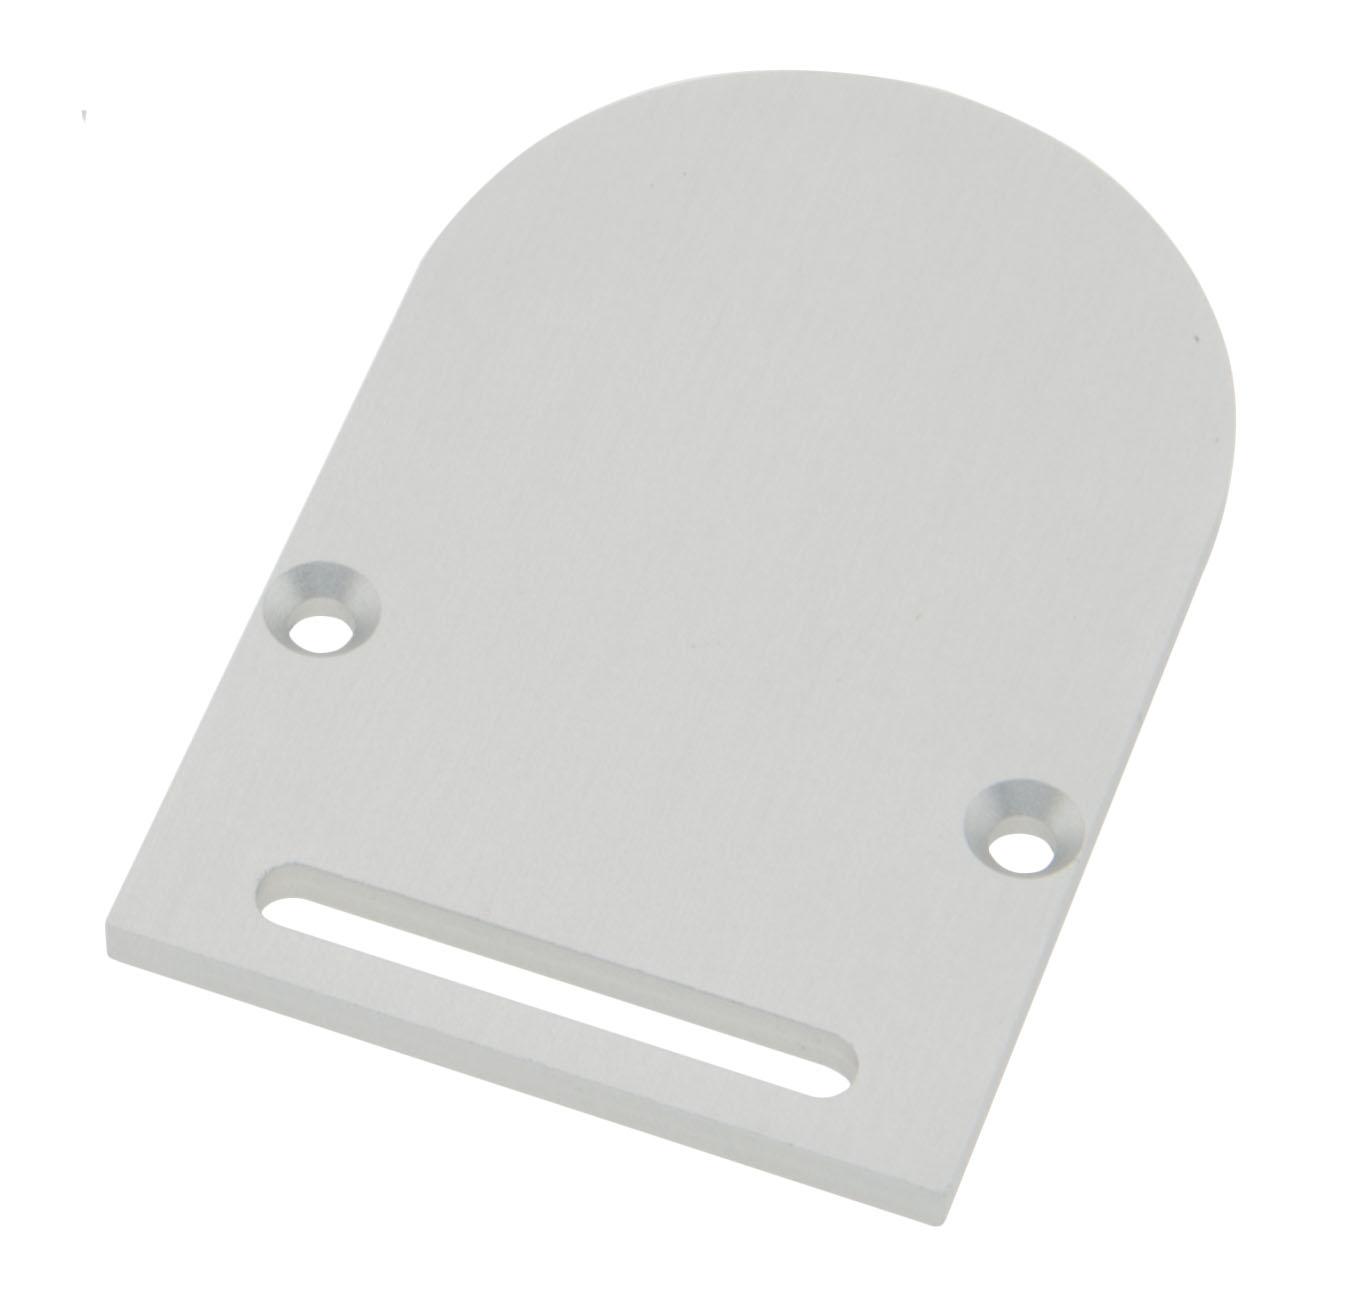 1 Stk Profil Endkappe CLR Rund mit Langloch inkl. Schrauben LIEK006211